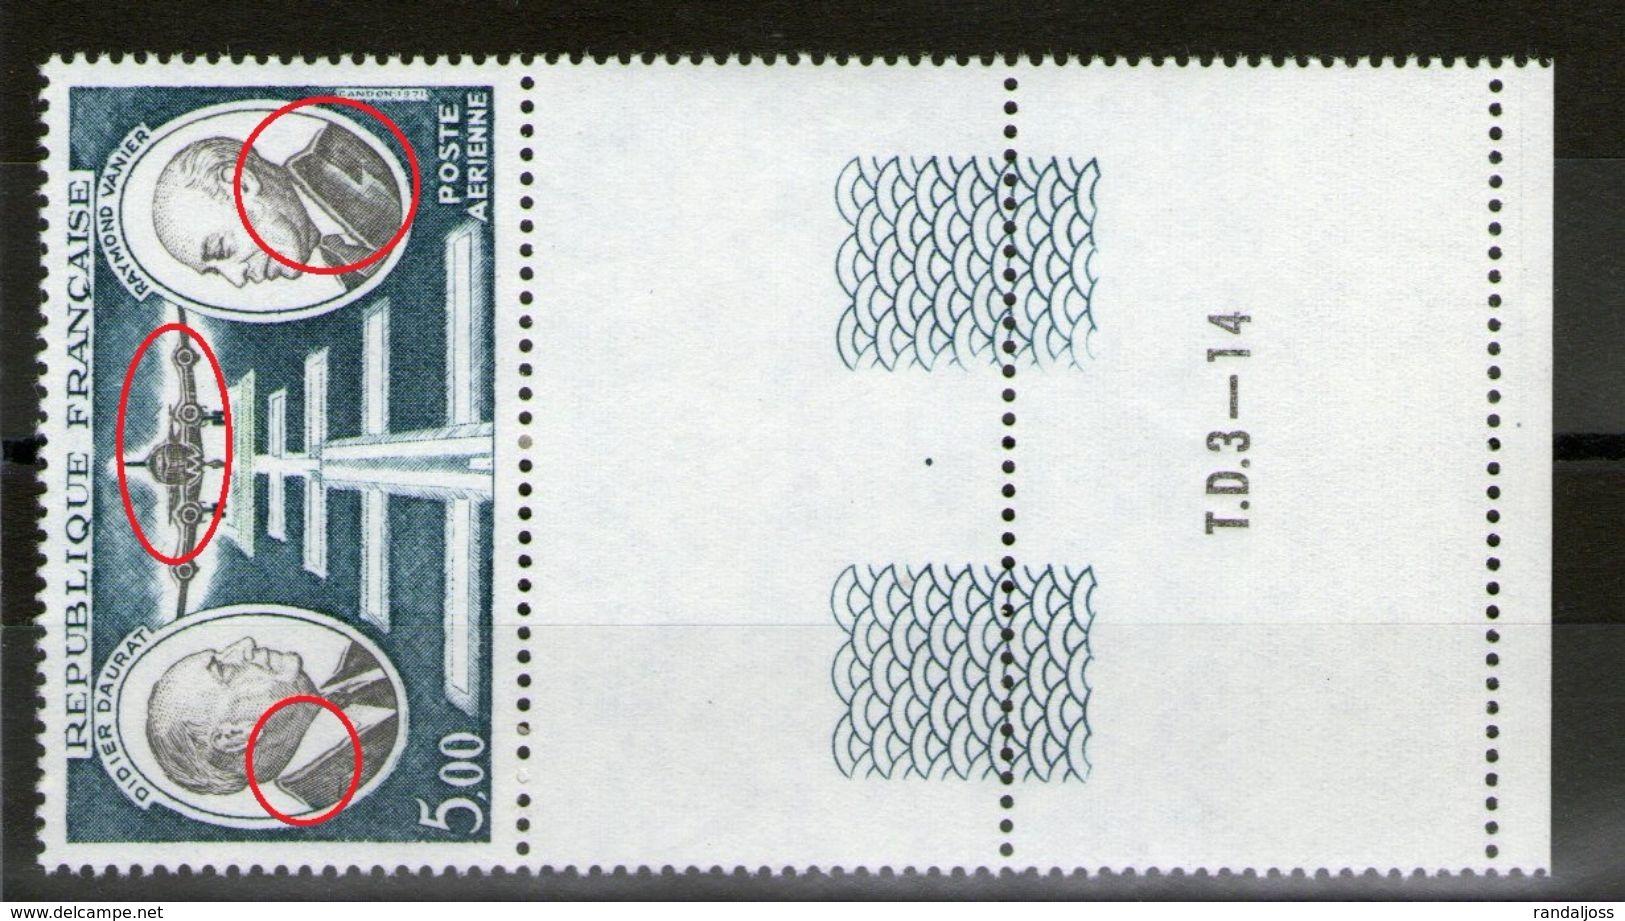 Variété PA N°46**_Cols Et Carlingue Doublés_Bord De Feuille_Presse TD3-14_voir Scans - Errors & Oddities